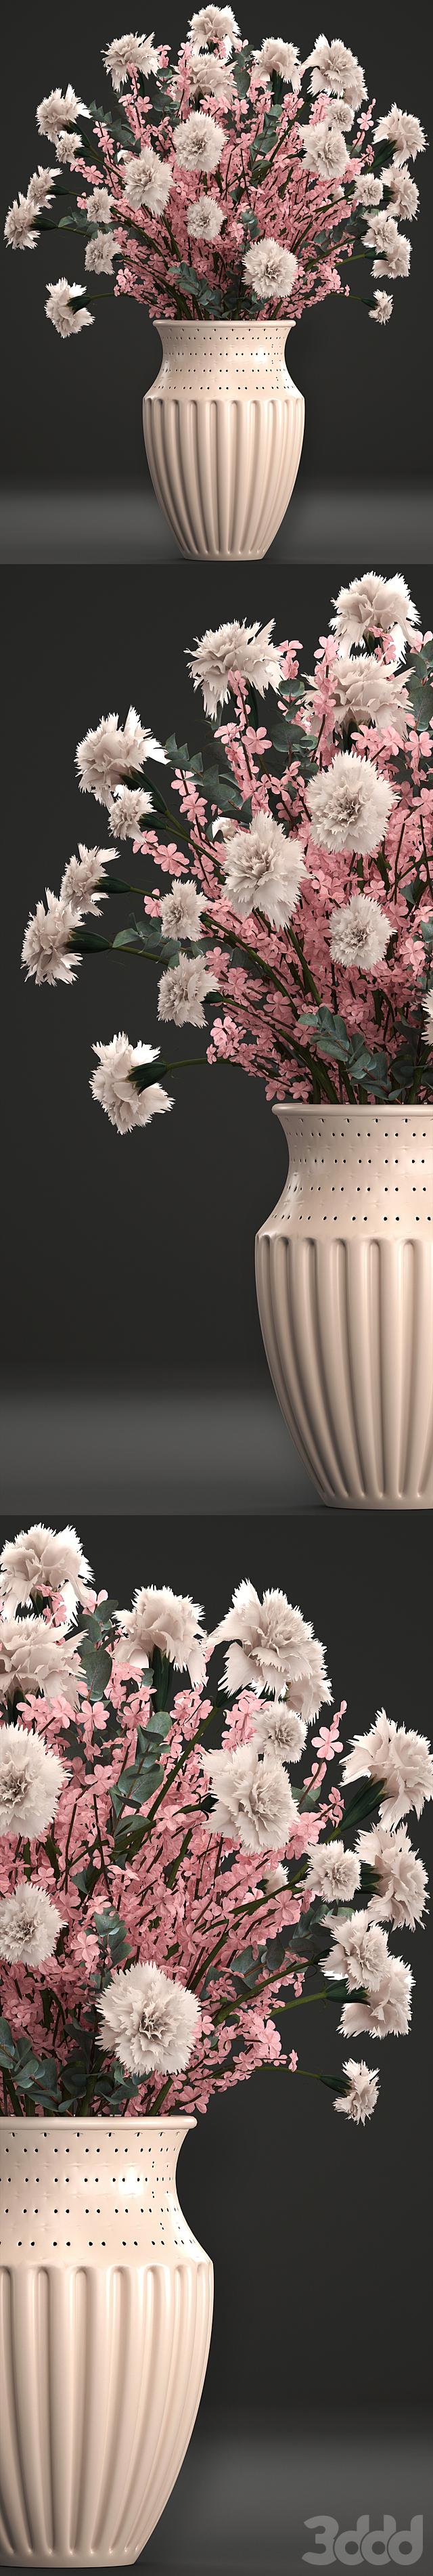 Букет цветов 70.